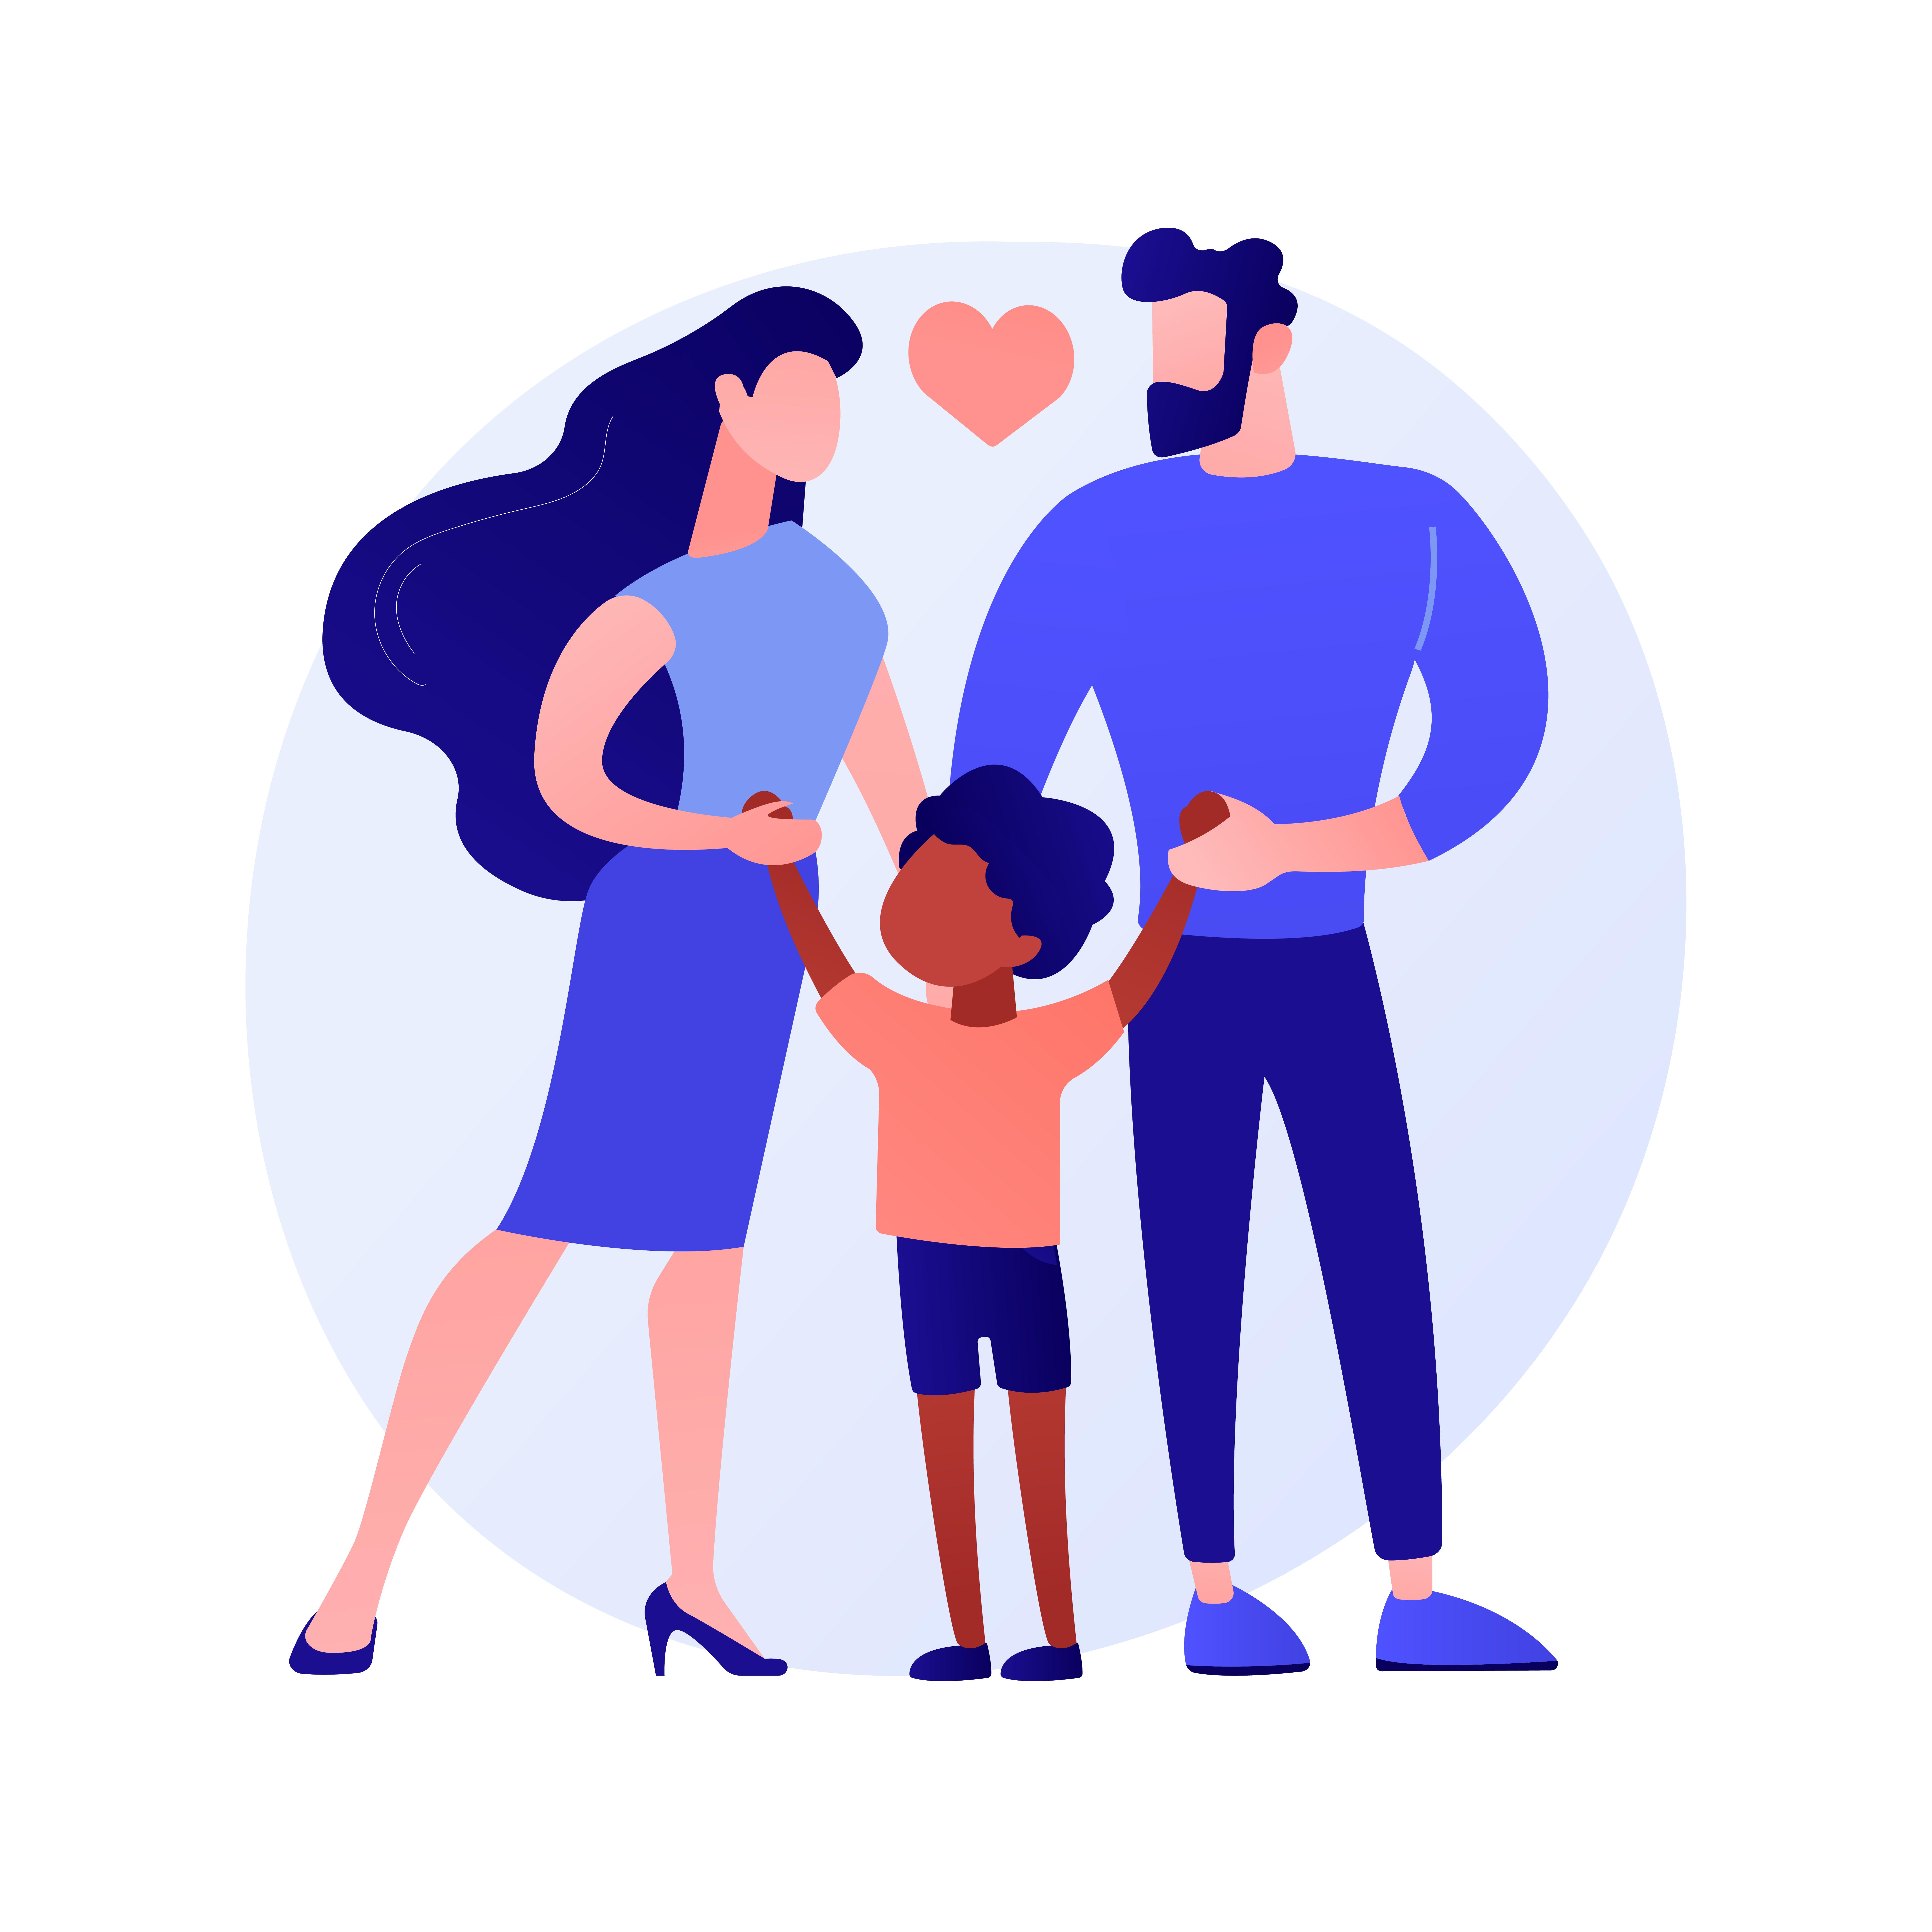 Droit de la famille, divorce, garde d'enfant